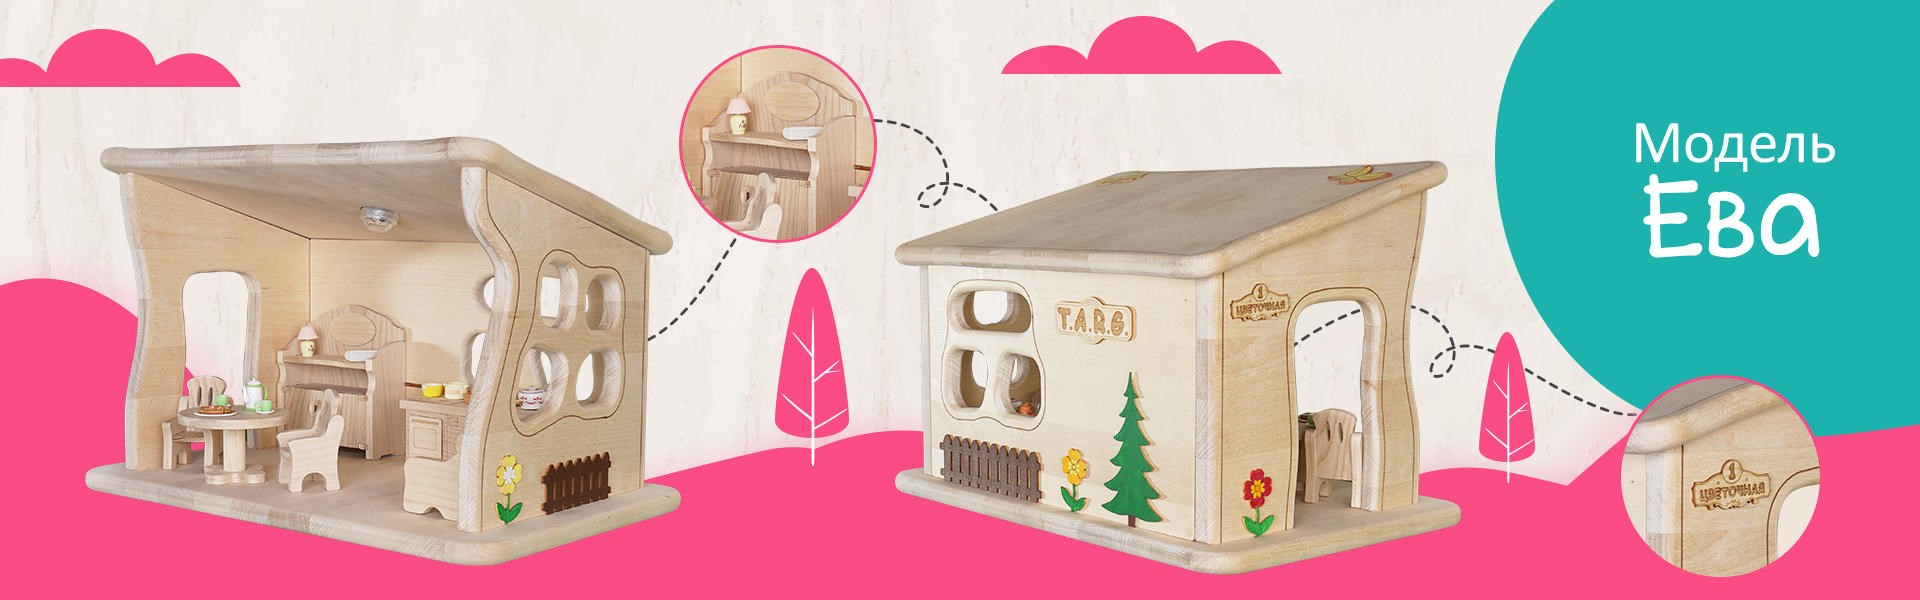 Кукольный домик ЕВА - фото 5161